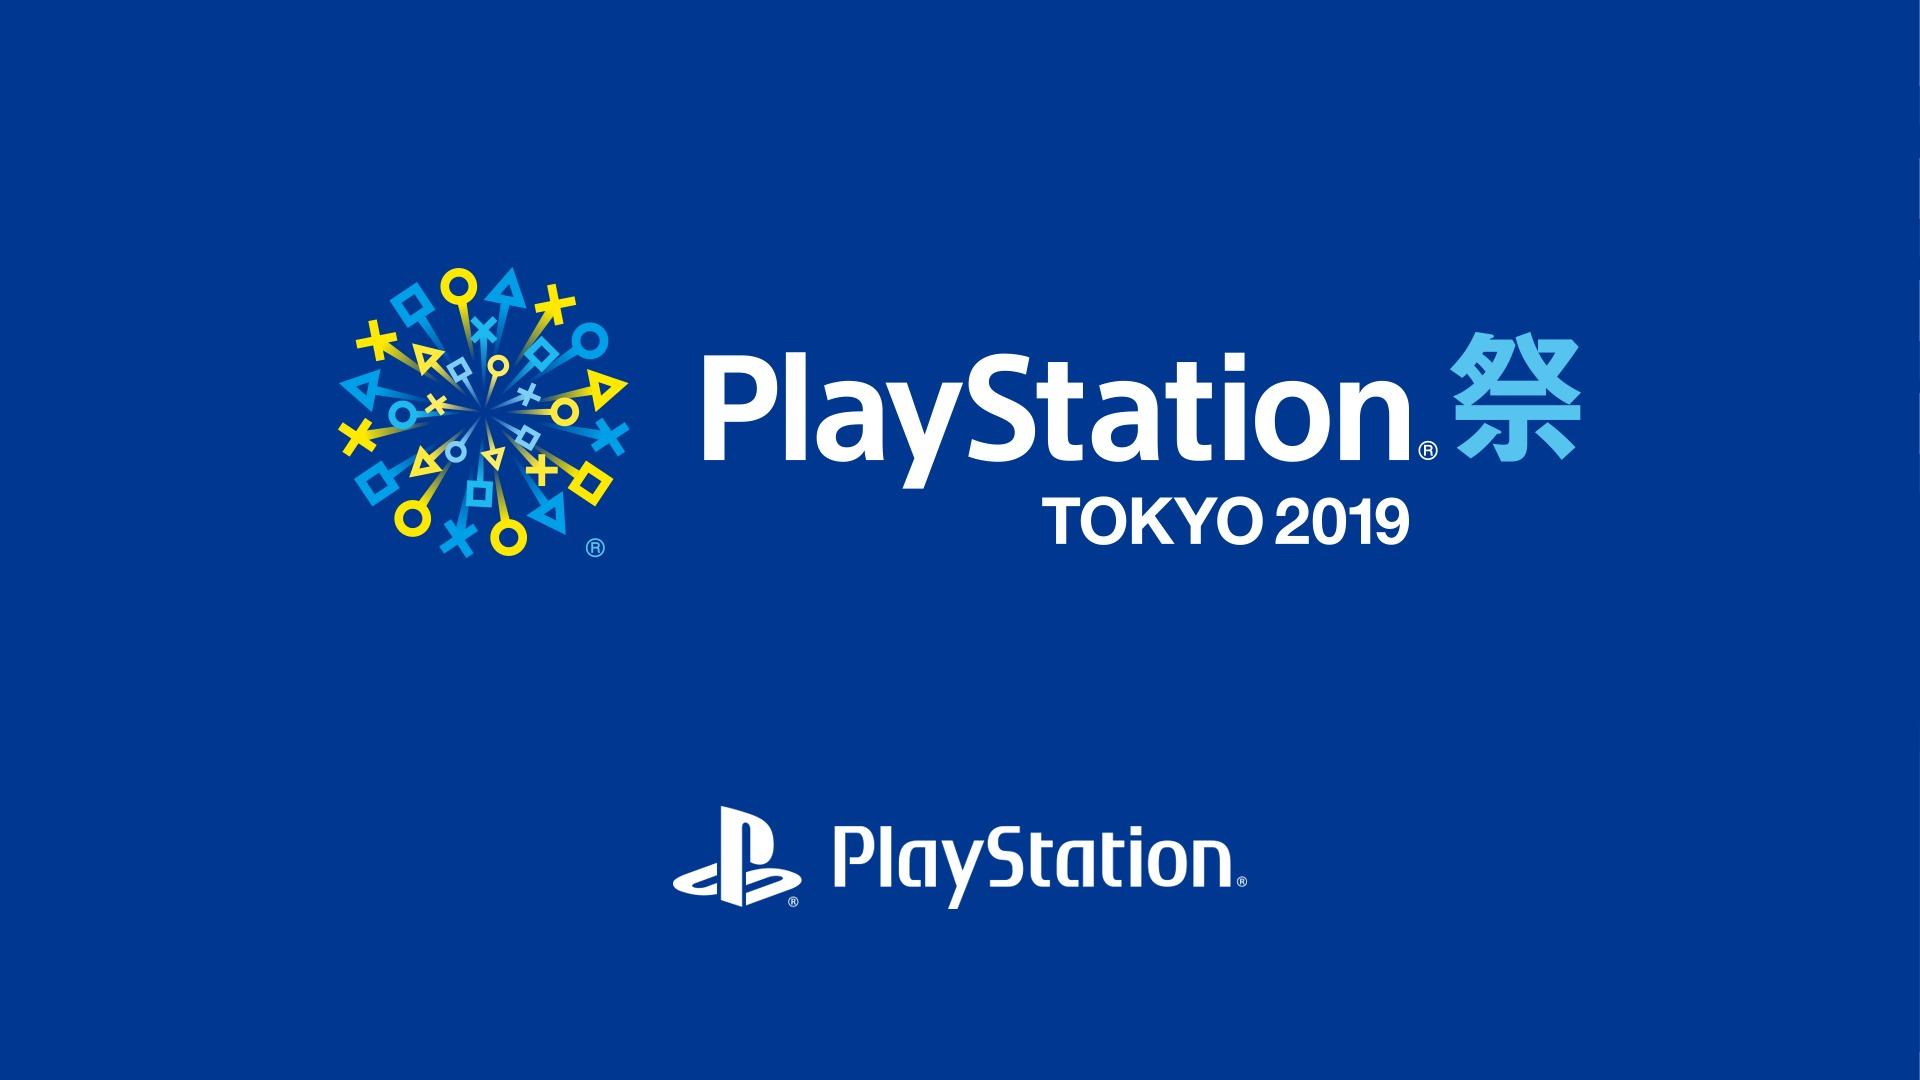 『PlayStation祭 TOKYO 2019』ロゴ